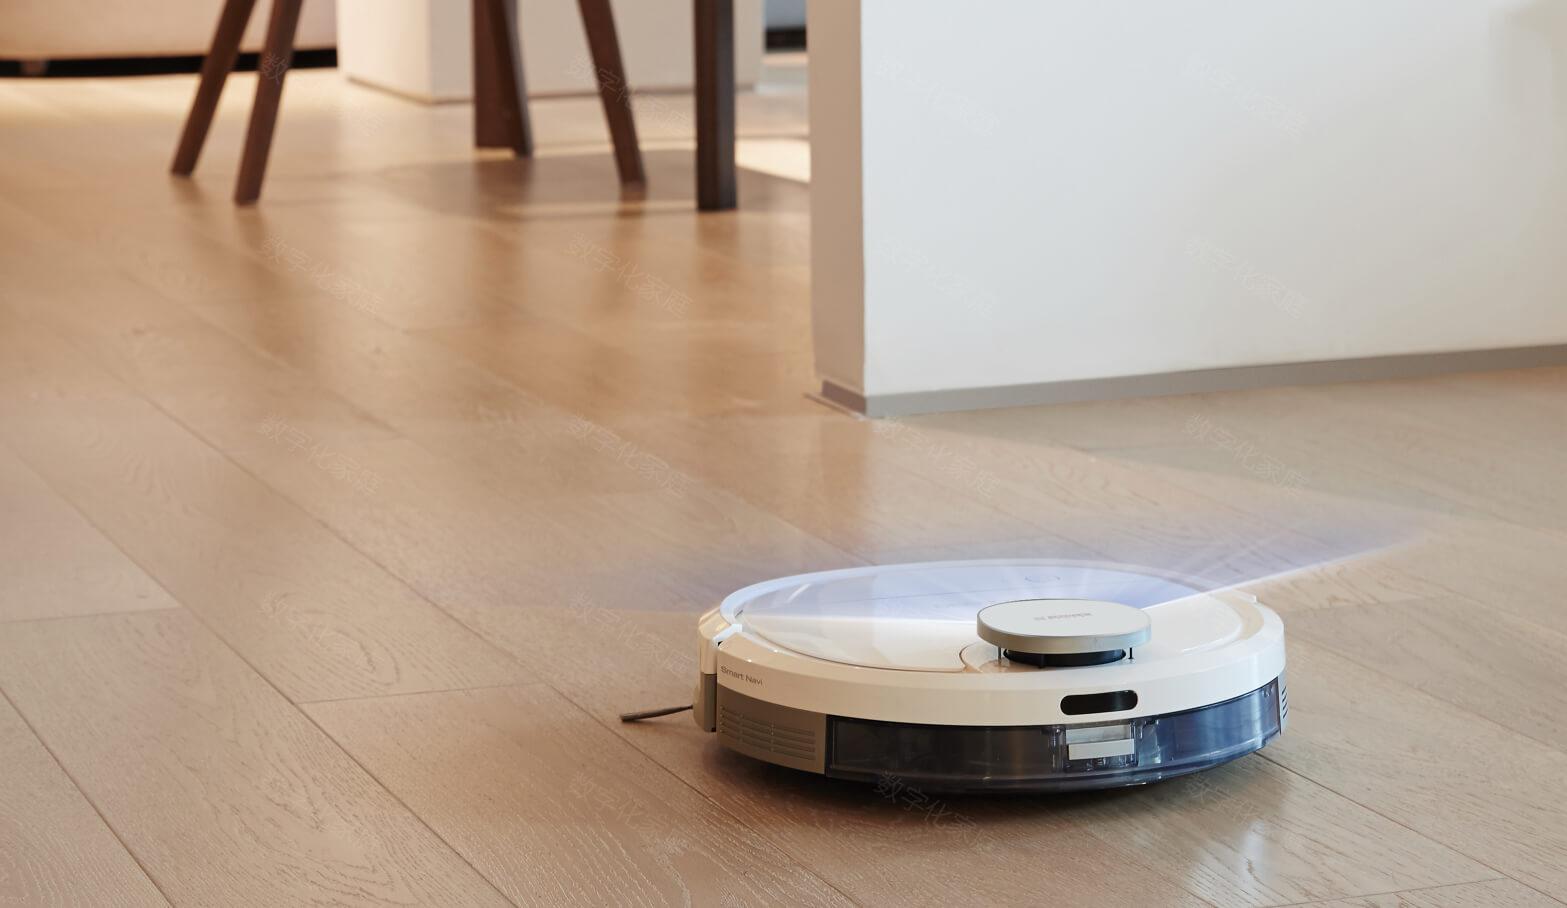 Coredy Robotic Vacuum Cleaner